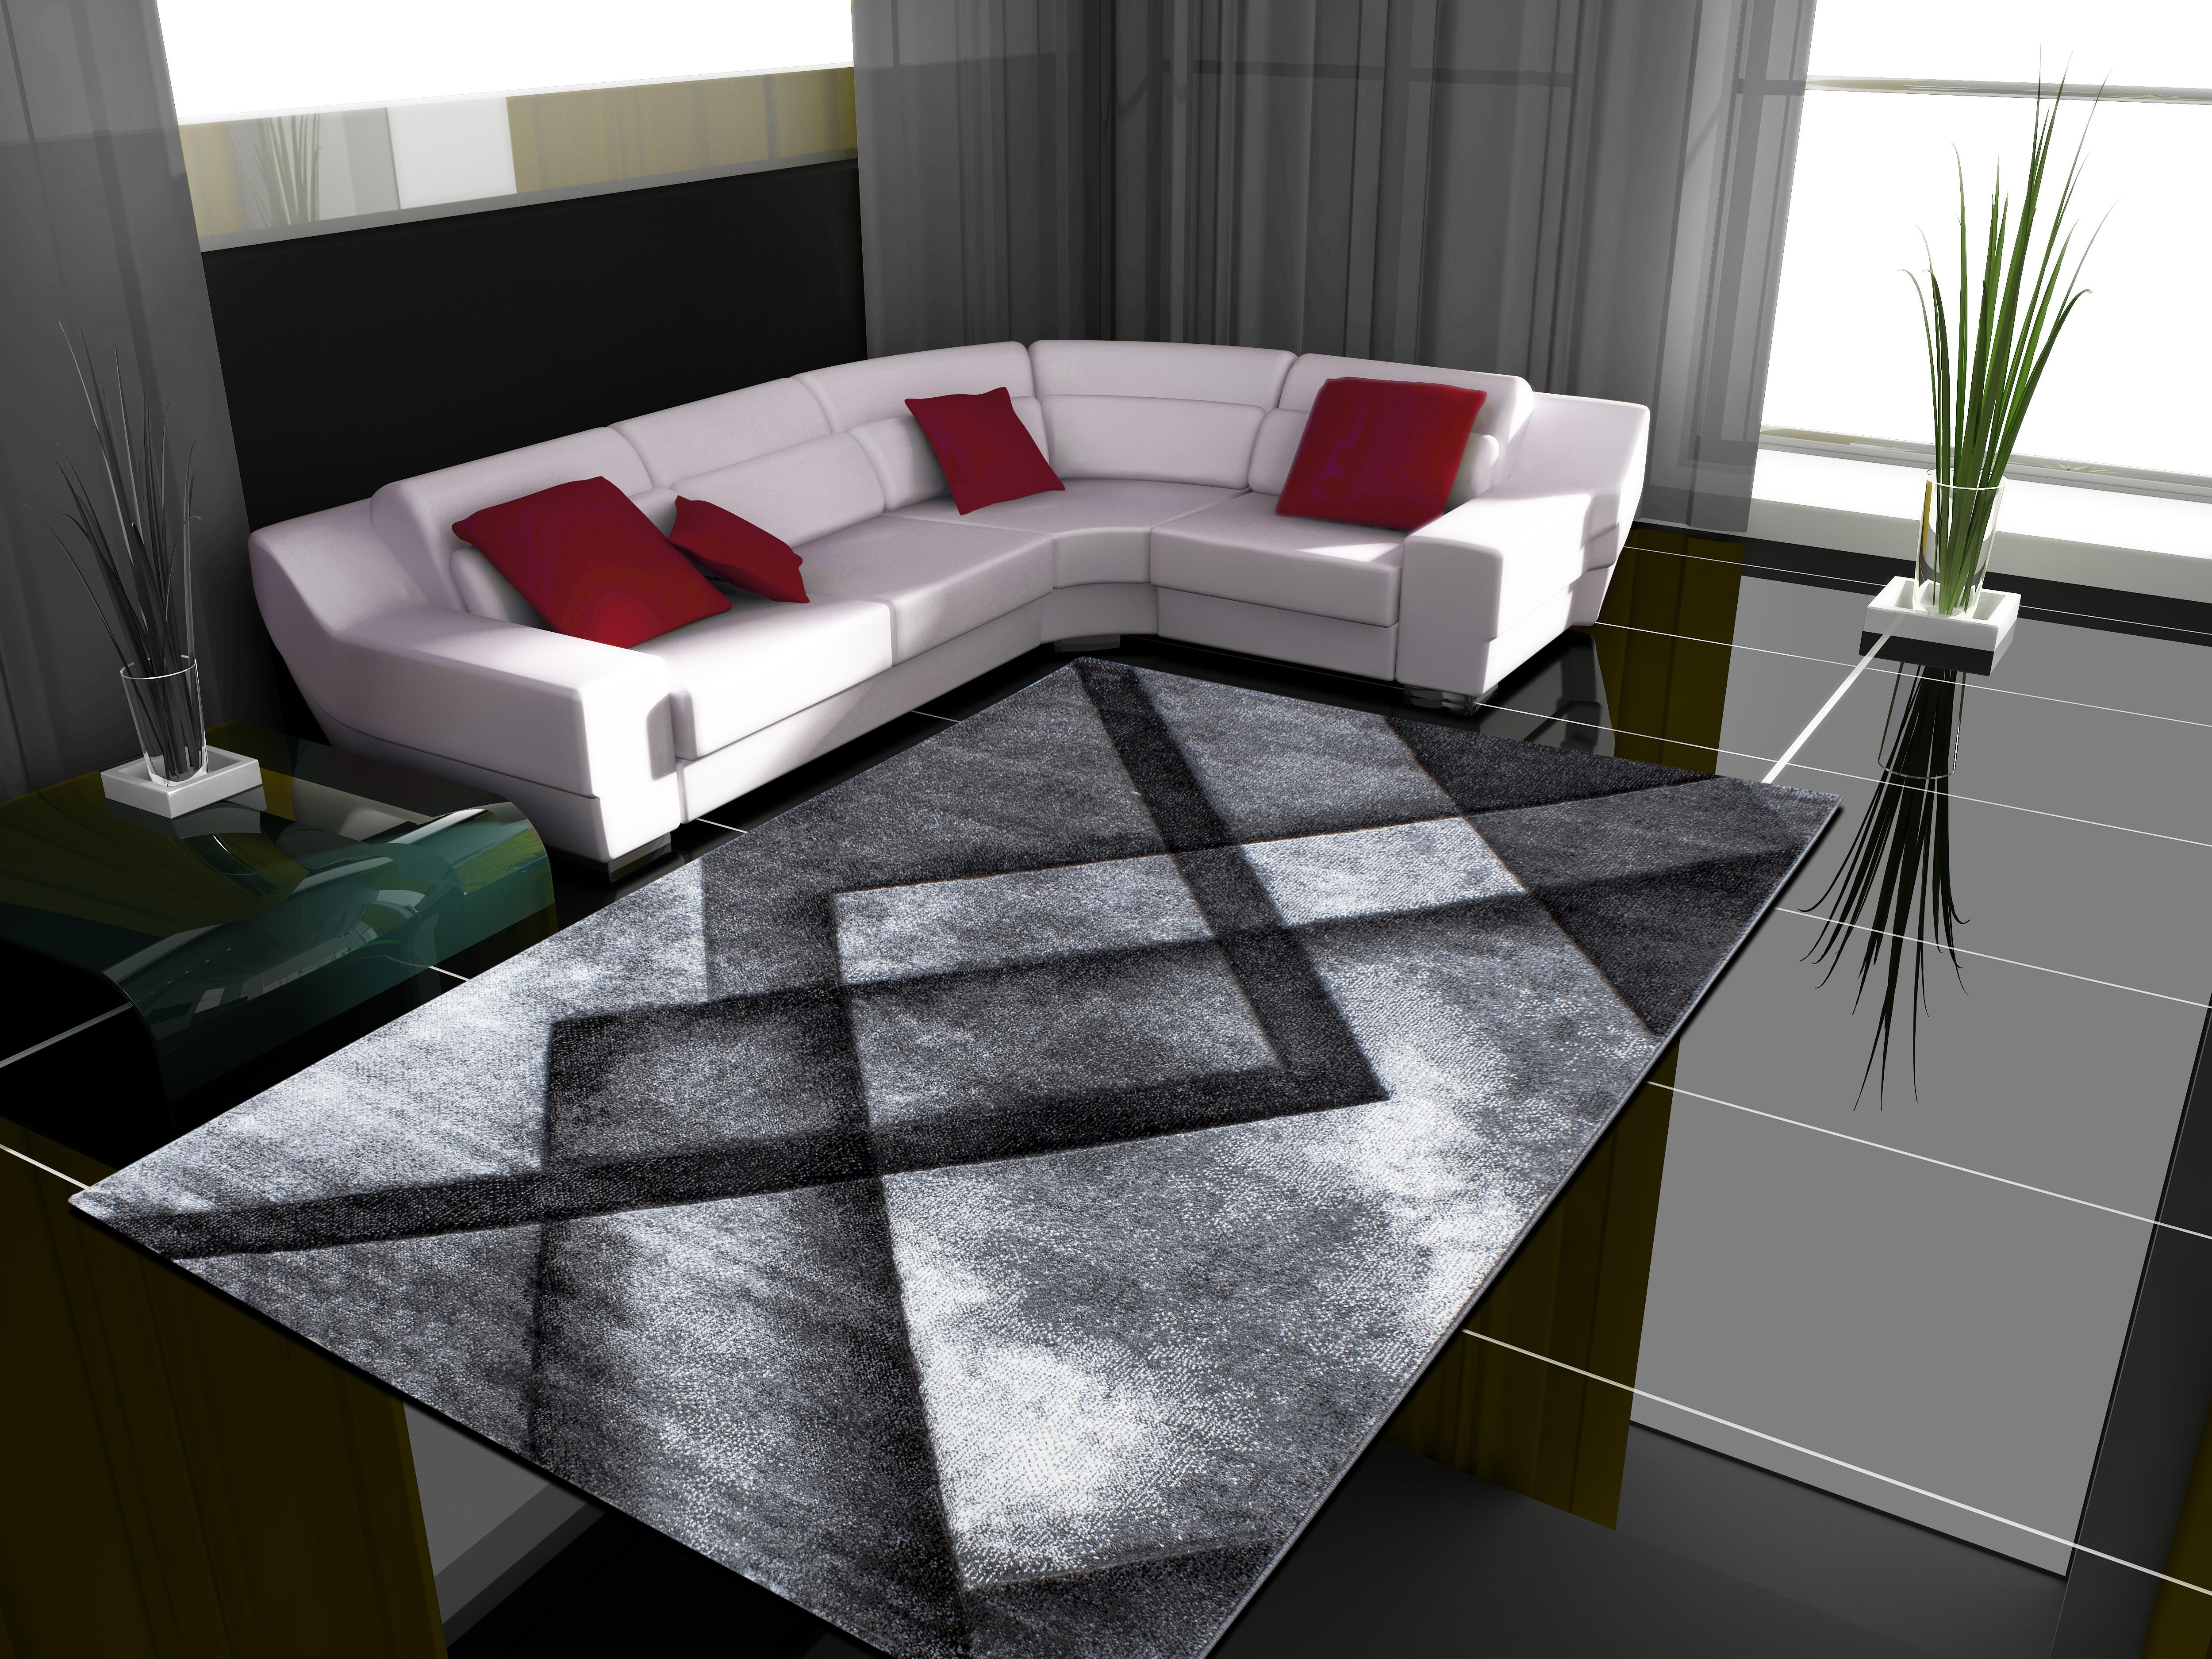 Tapis frisée effet 3D design moderne HARLEQUIN-2